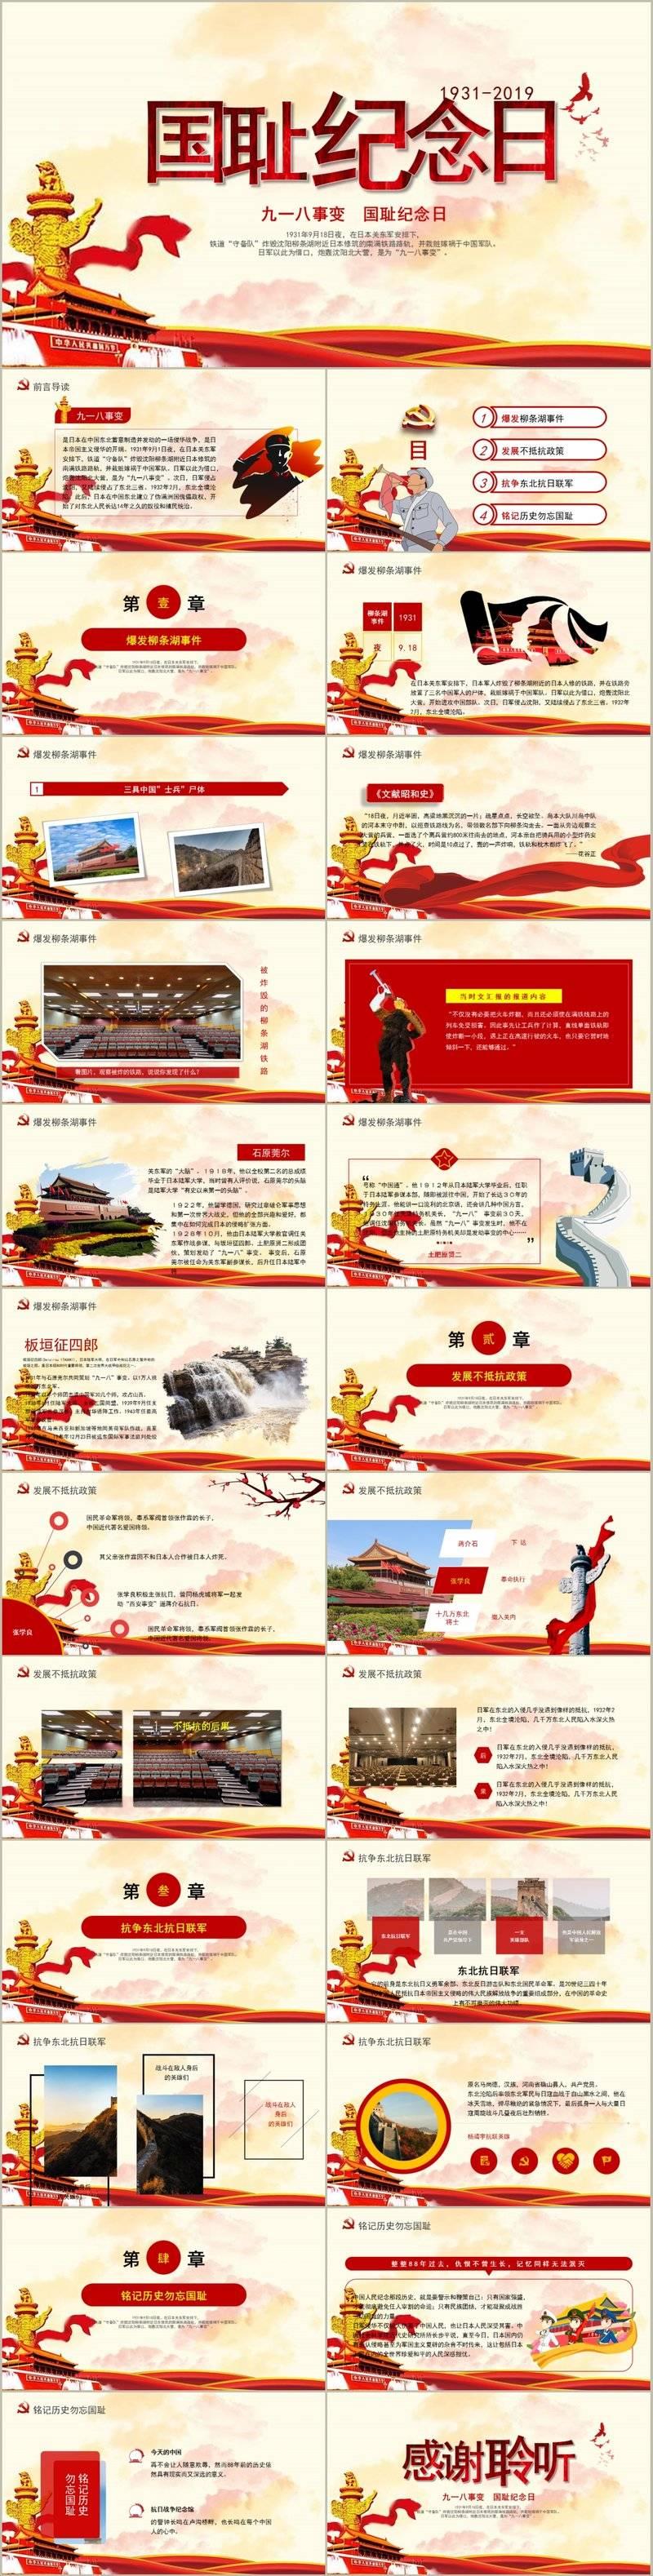 中国红缅怀先烈铭记历史九一八事变纪念日PPT模板